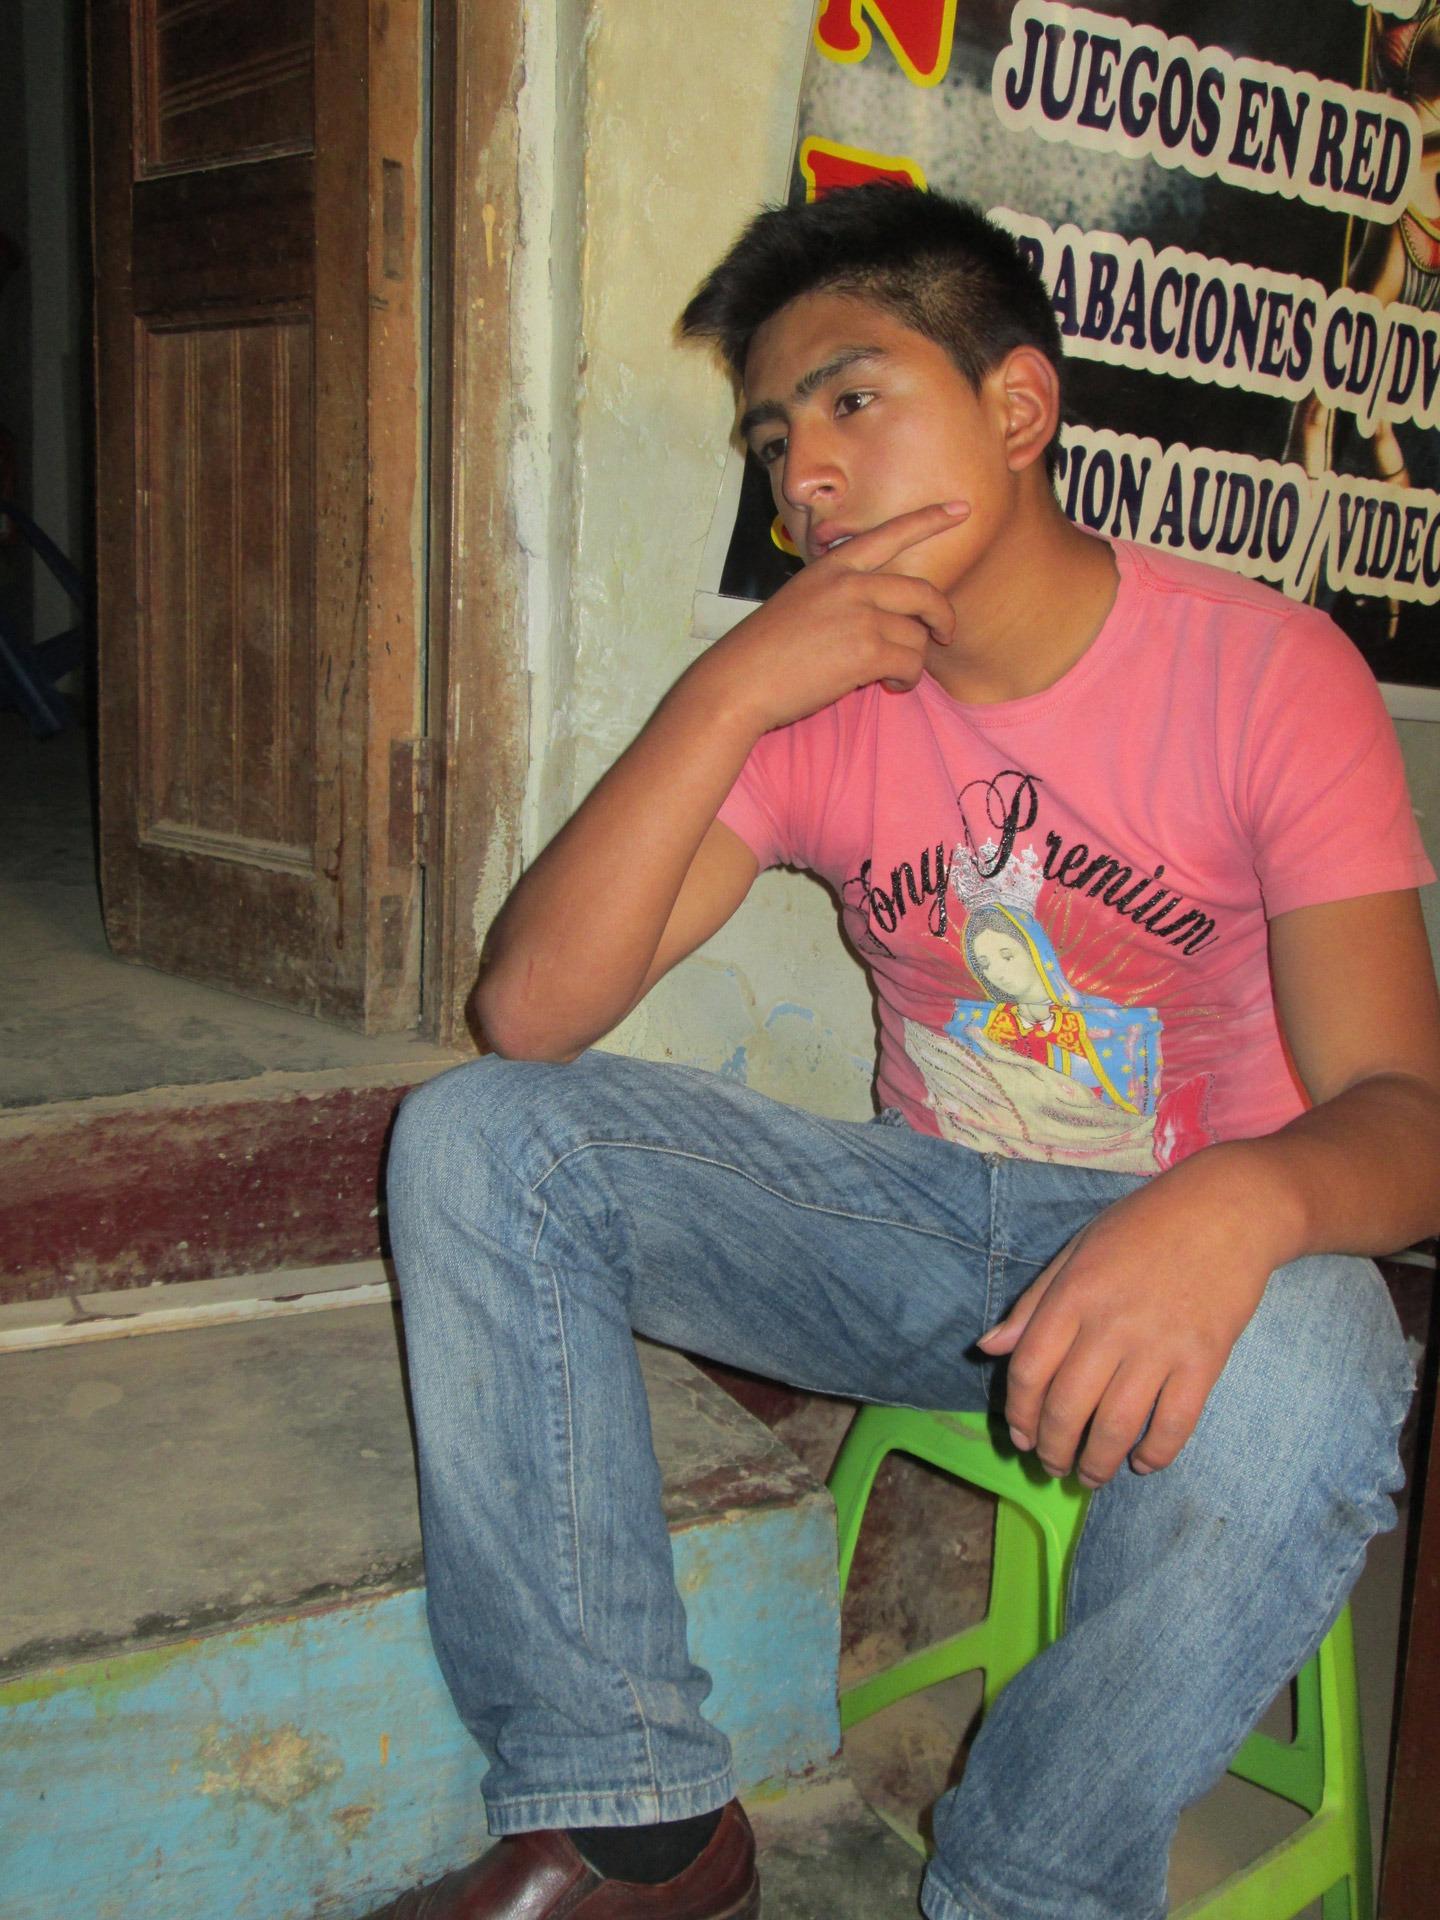 manusia orang Anak laki laki sendirian pria berpikir muda pemuda duduk merenungkan berpikir termenung bijaksana